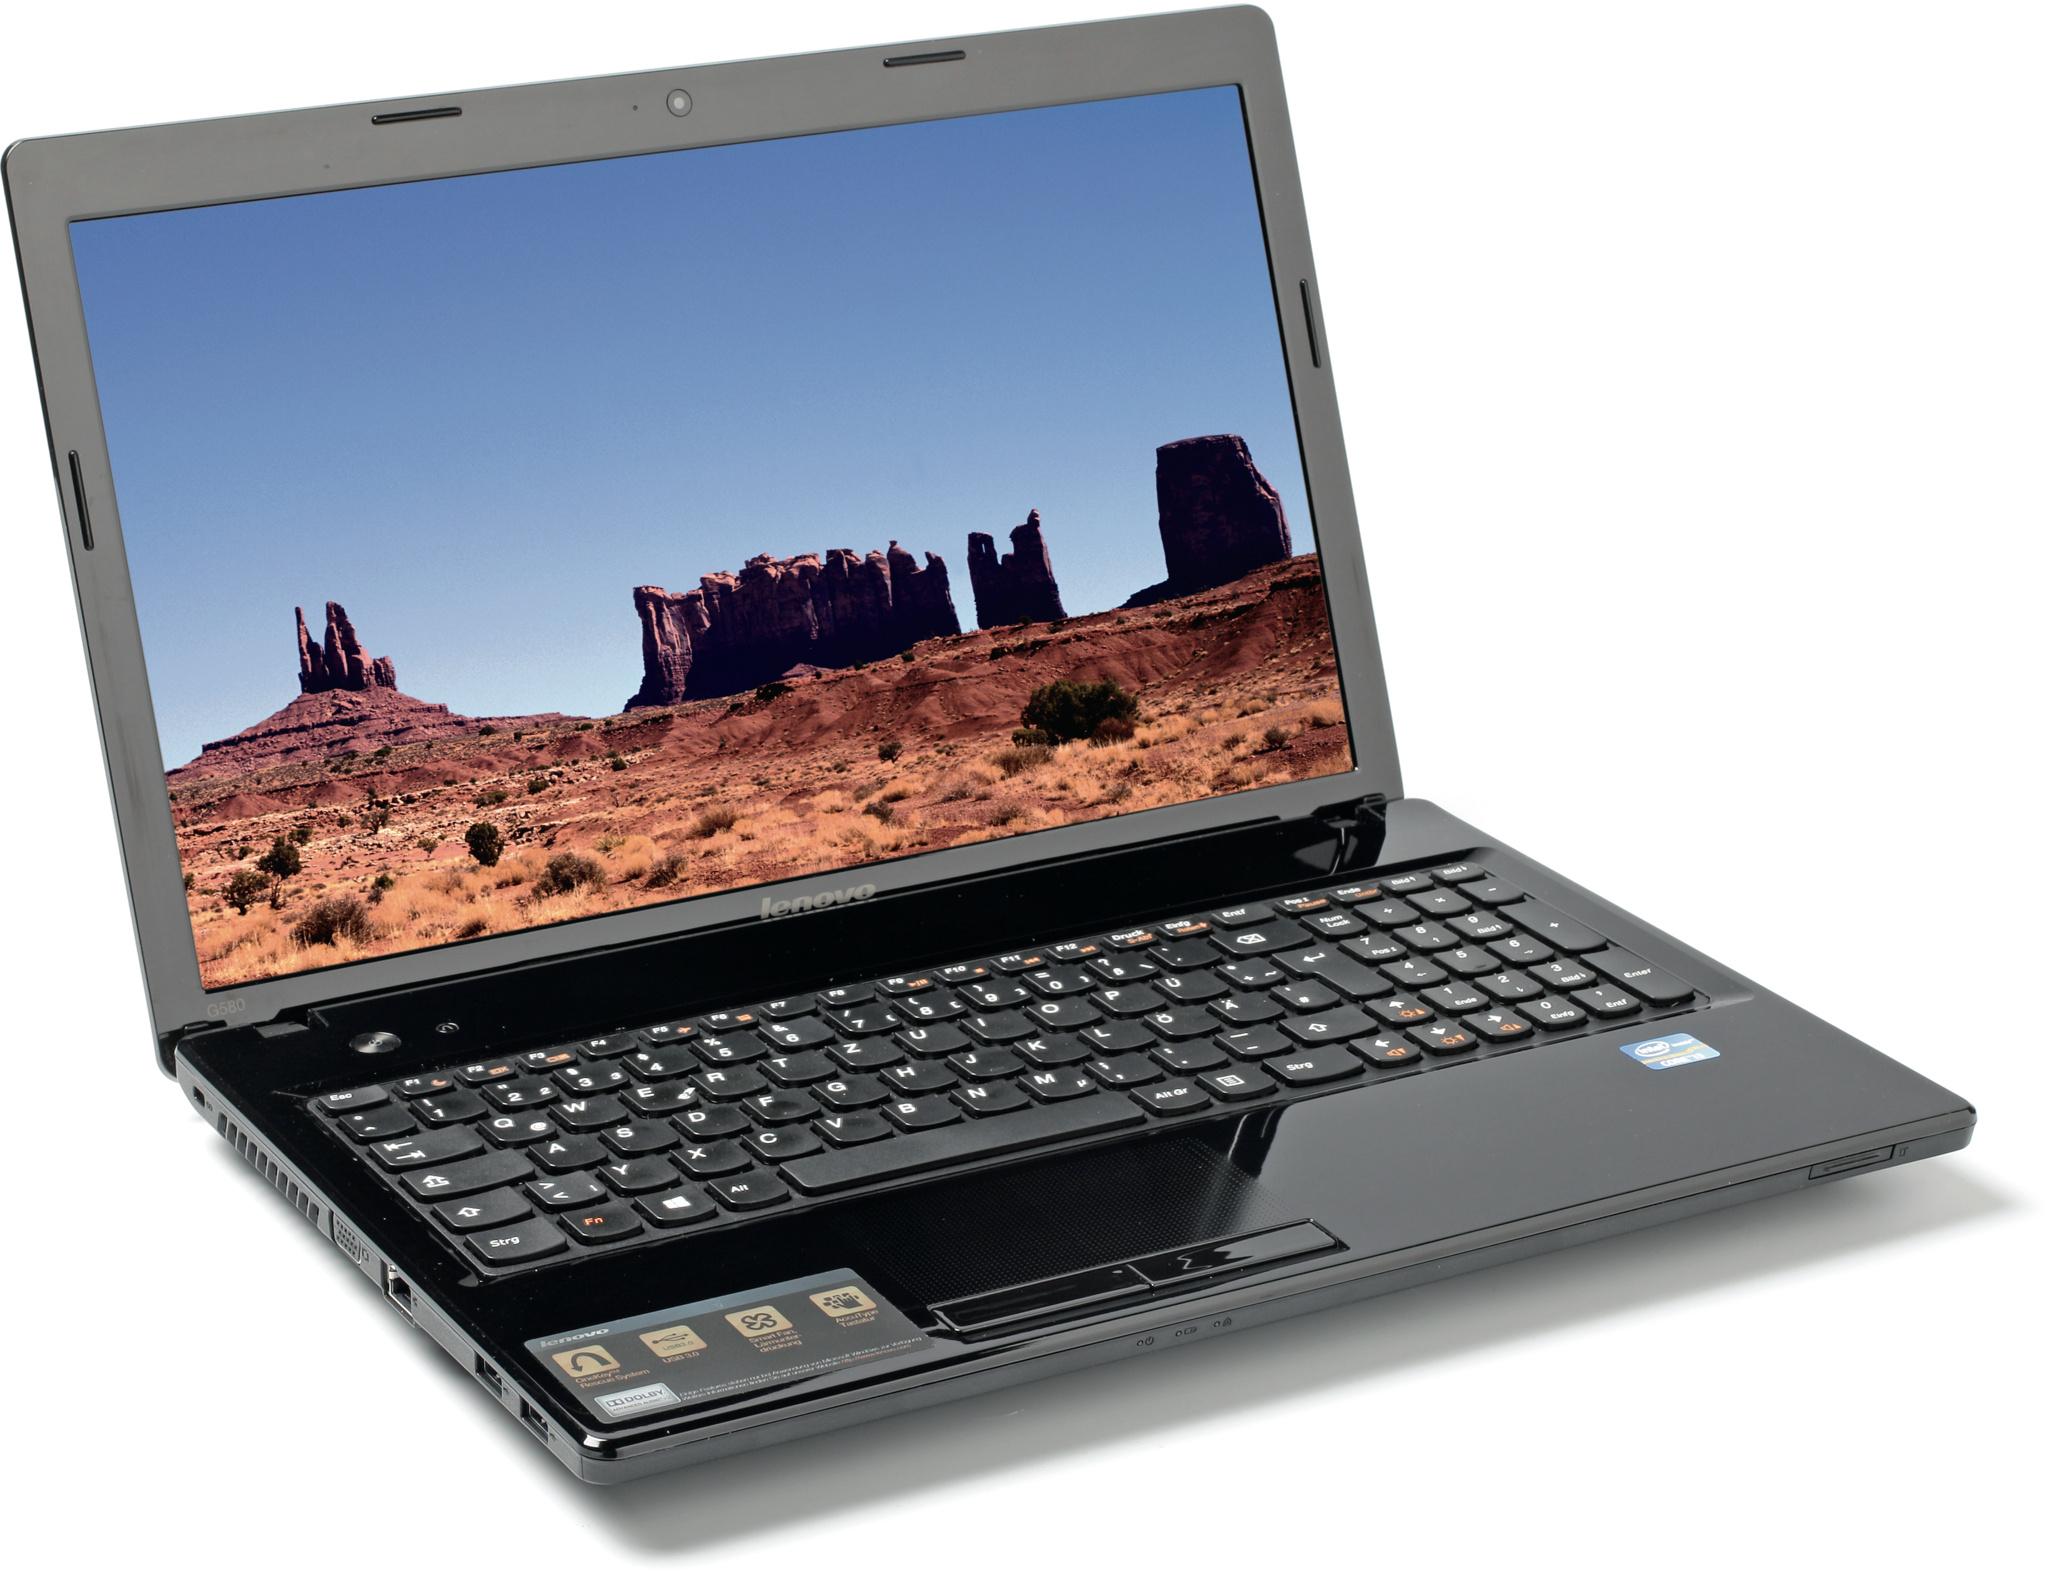 Notebooks Aller Gren Zwischen 300 Und 500 Euro Ct Magazin Lenovo Yoga Laptop 2in1 116 Lenovos G580 Sammelt Auf Seinem Hochglanzgehuse Unweigerlich Viele Fingerabdrcke